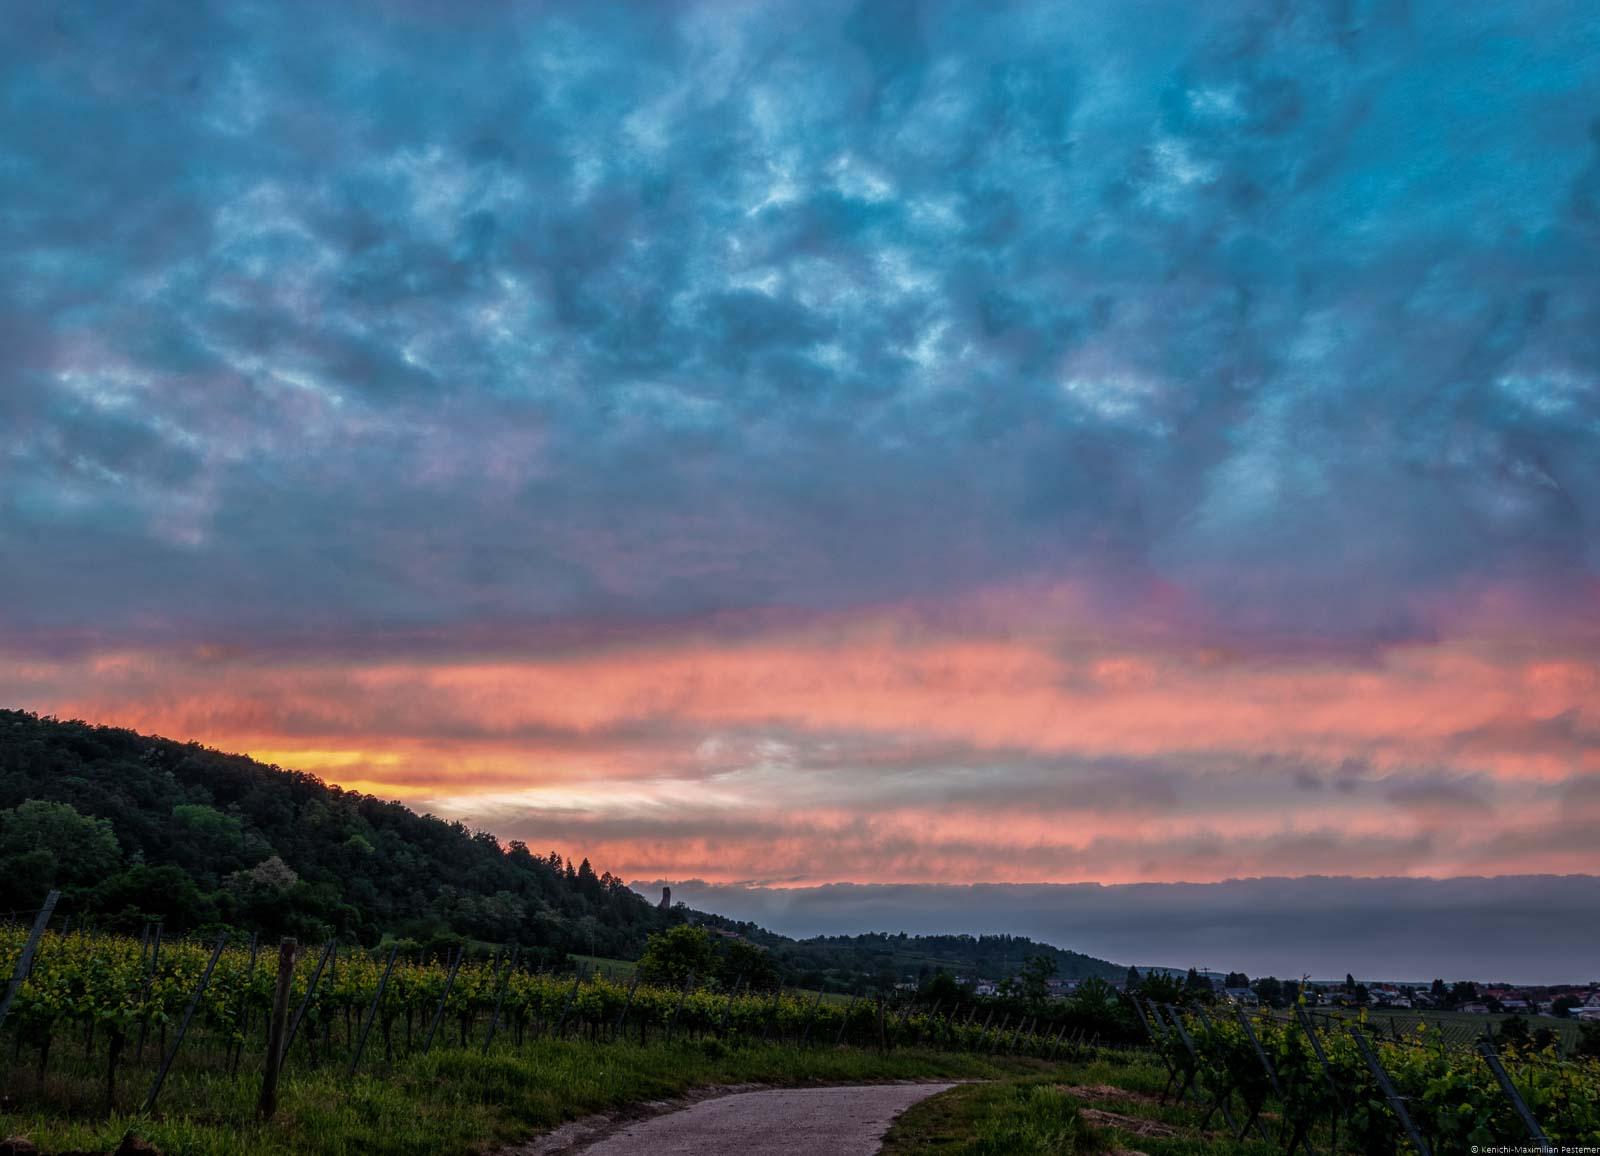 Sonnenuntergang am Forster Pechstein, Hügel und Burgturm der Wachtenburg. Die Rebstöcke auf dem Bild im Vordergrund dienen dazu einige der besten Pfalz-Weine herzustellen.